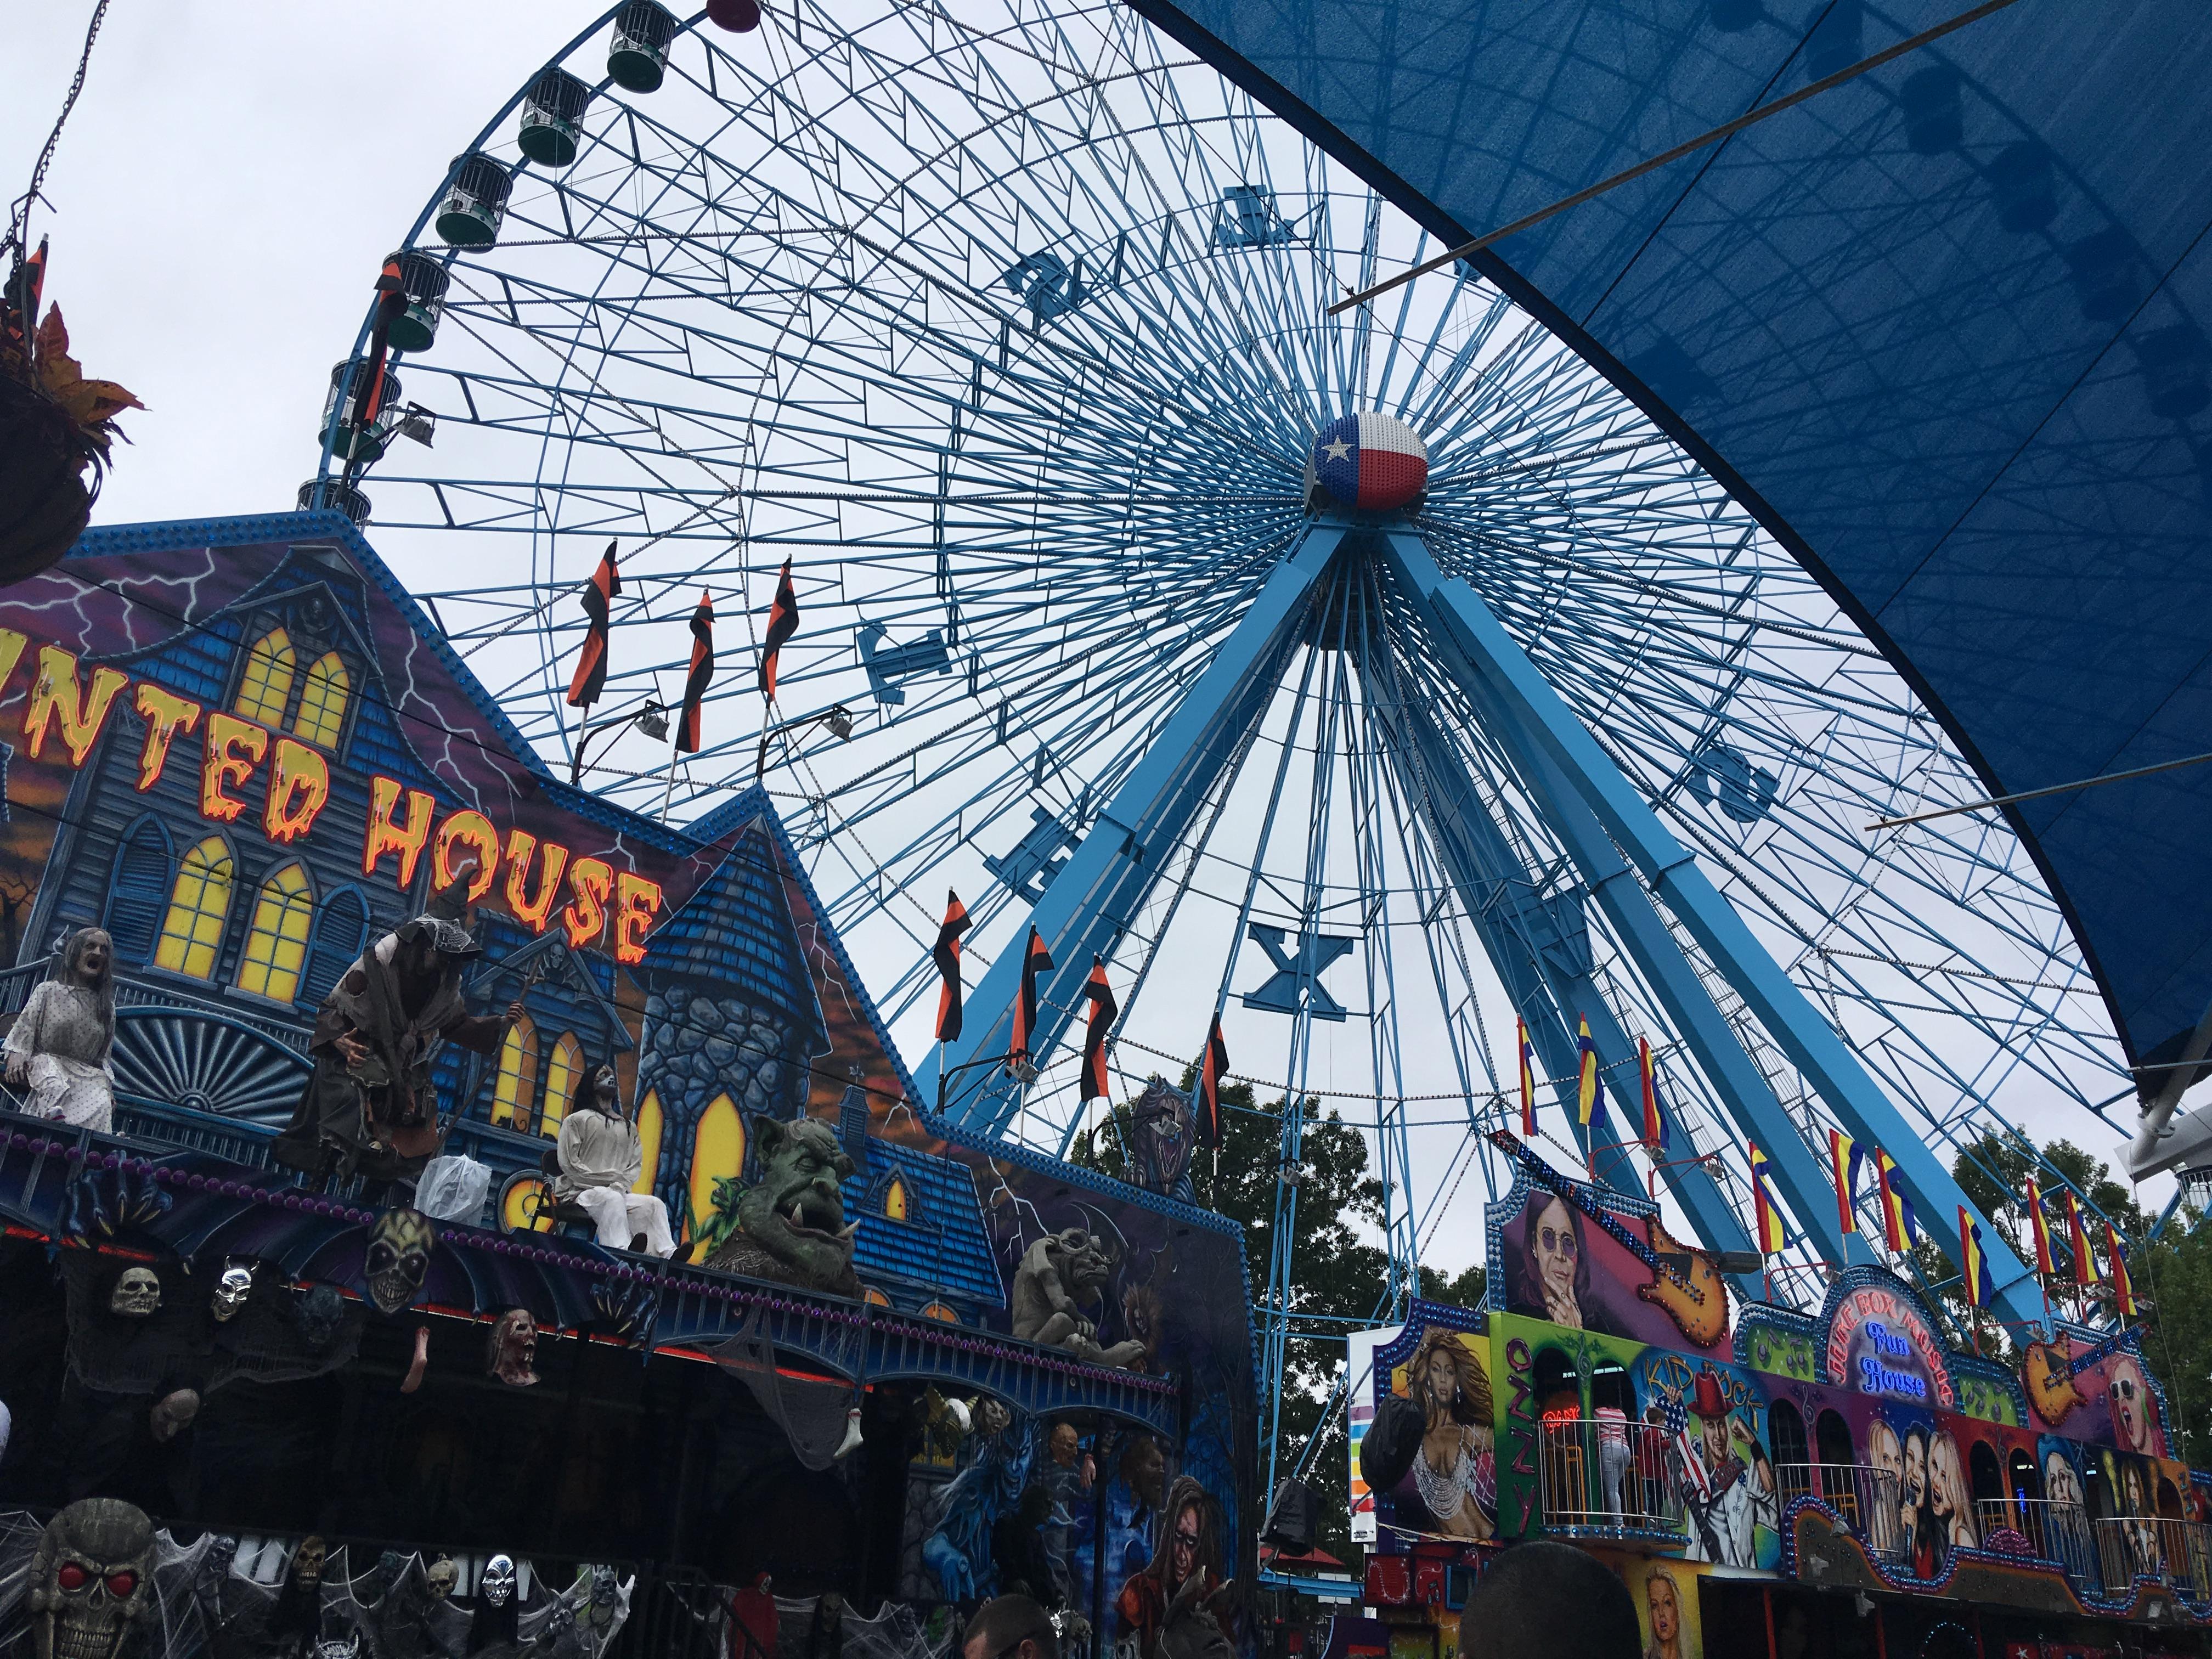 ダラス秋の風物詩!ステートフェアオブテキサス(State Fair of Texas)